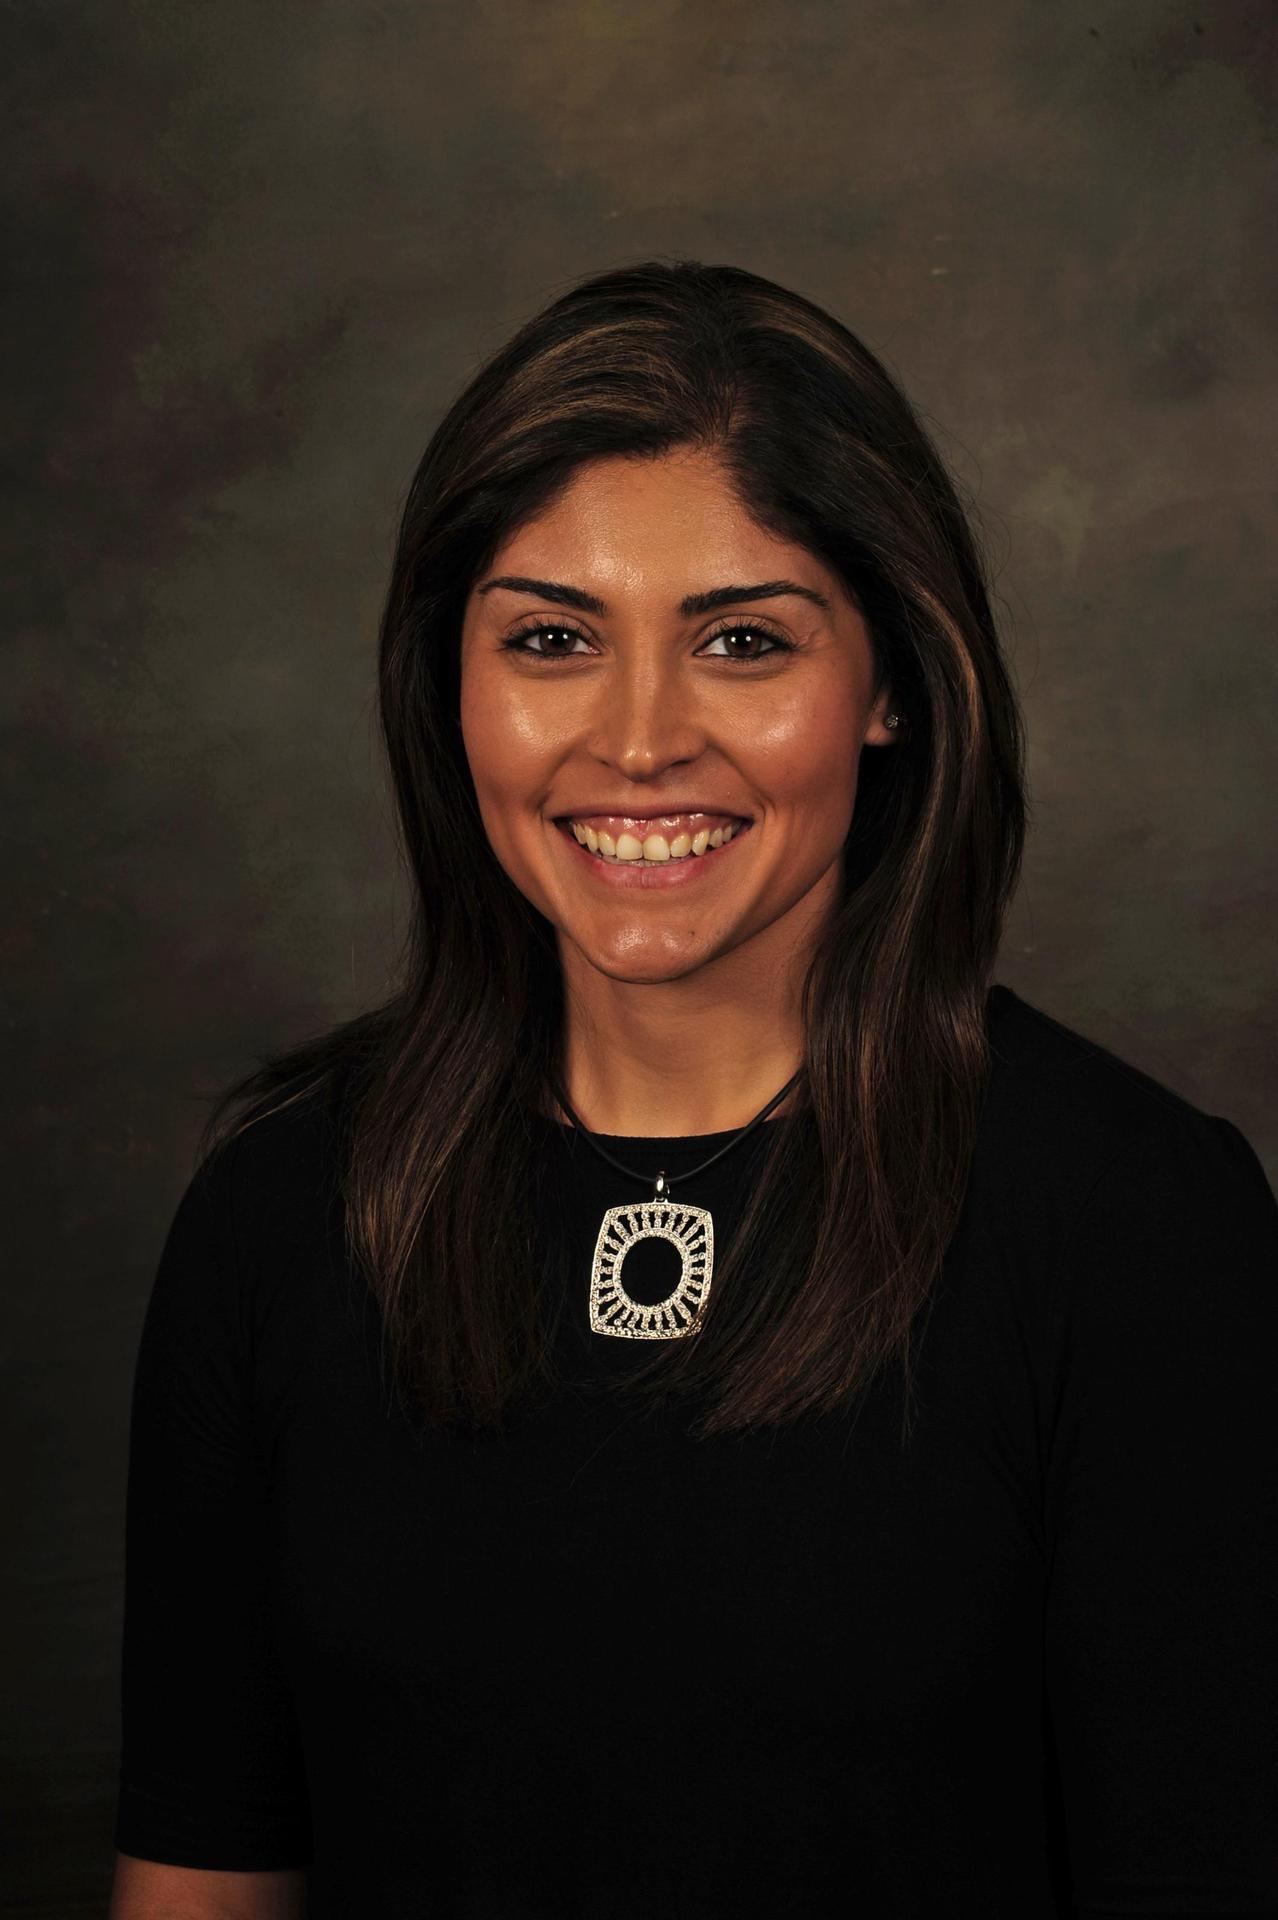 Ms. Coronado